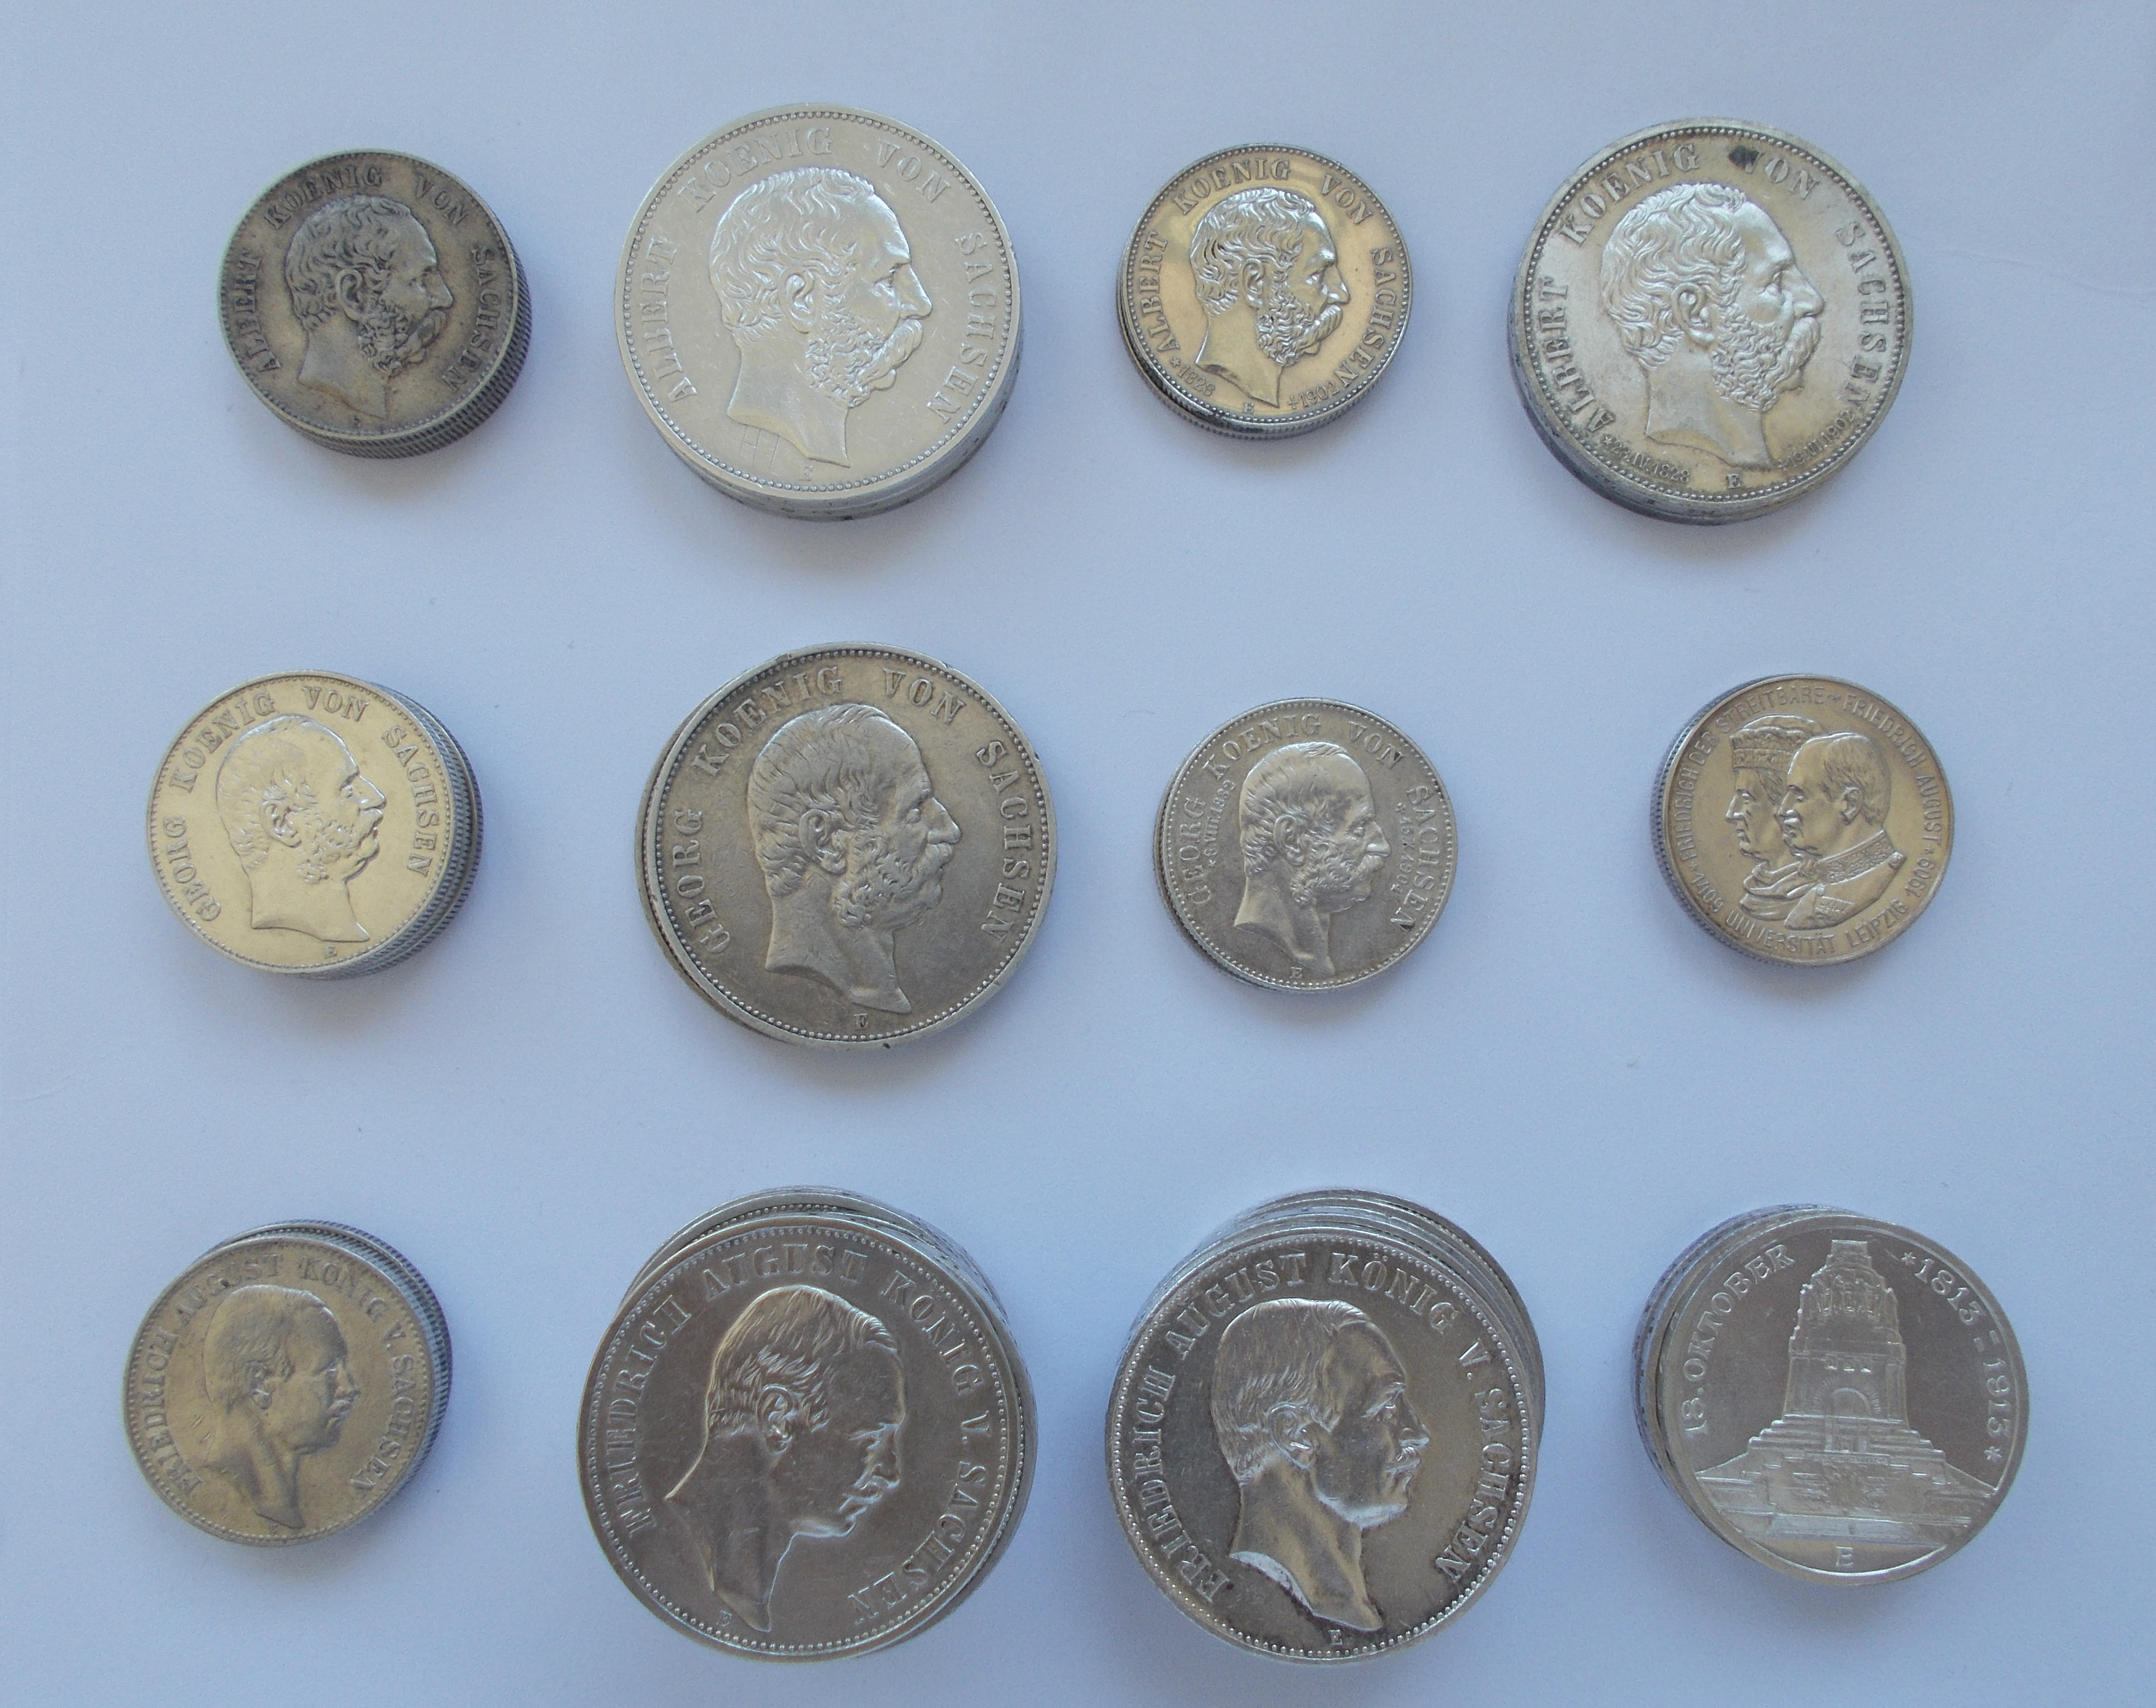 Lot 02784 - Sachsen | Umlaufmünzen 2 Mark bis 5 Mark - Deutsches Kaiserreich  -  Auktionshaus Christoph Gärtner GmbH & Co. KG Sale #48 The Coins & The Picture Post Cards